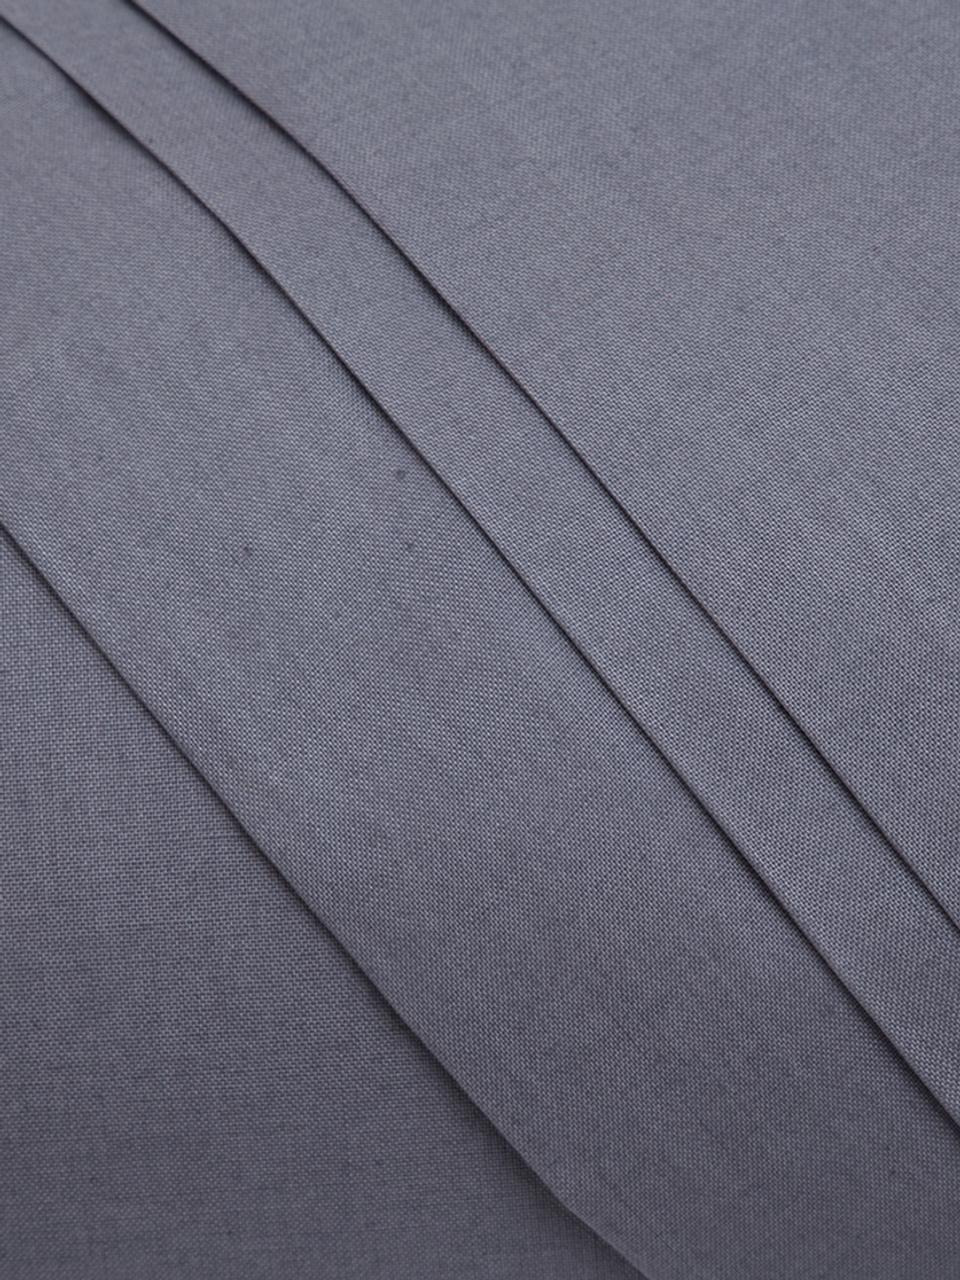 Set lenzuola in cotone ranforce Lenare, Tessuto: ranforce, Fronte e retro: grafite, 150 x 290 cm